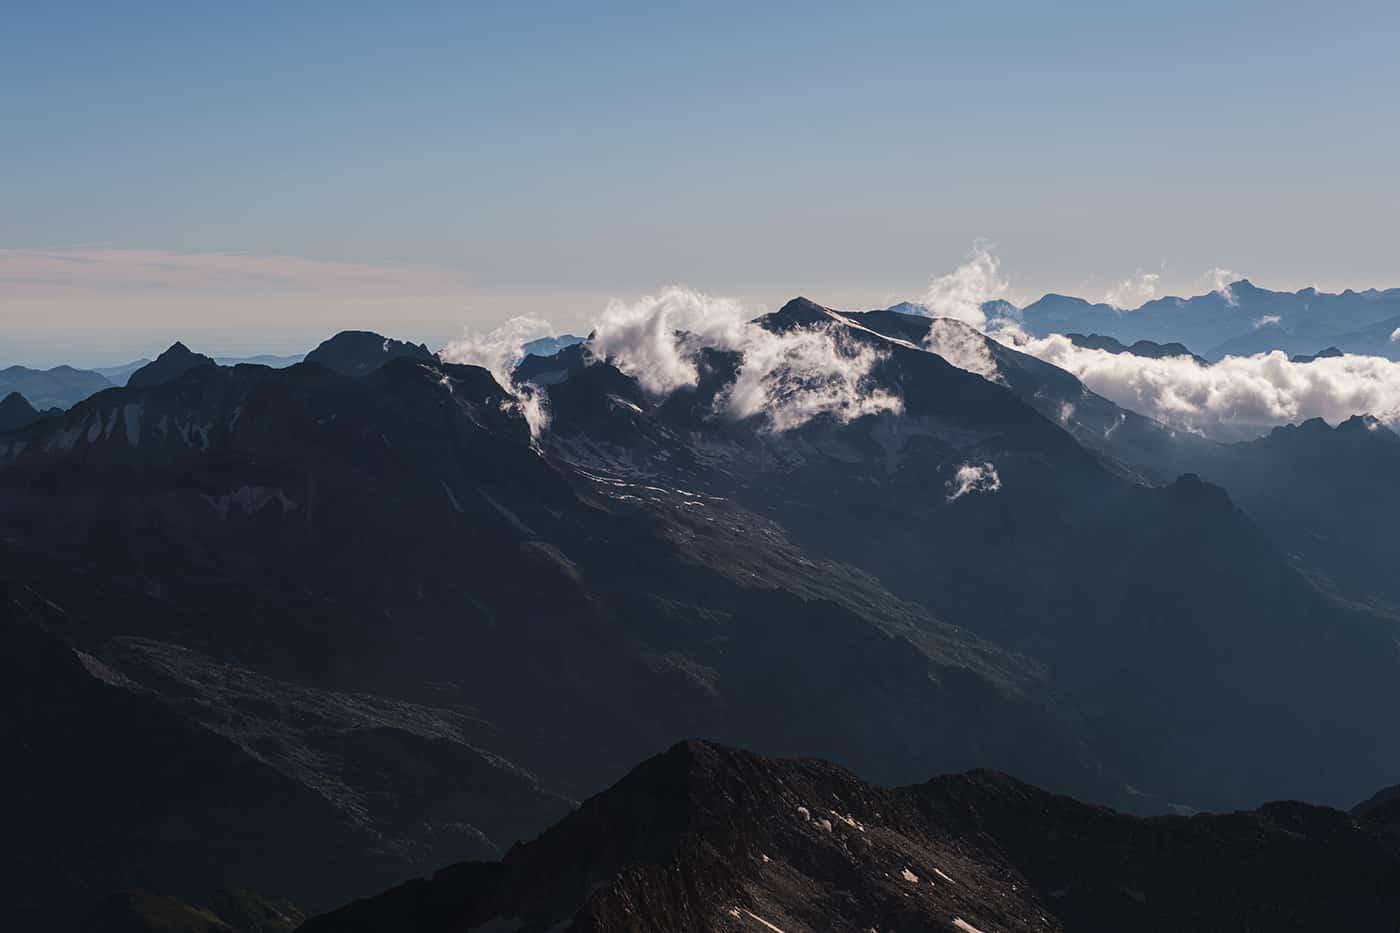 Vue sur le massif d'Aneto et de la Maladeta depuis les posets